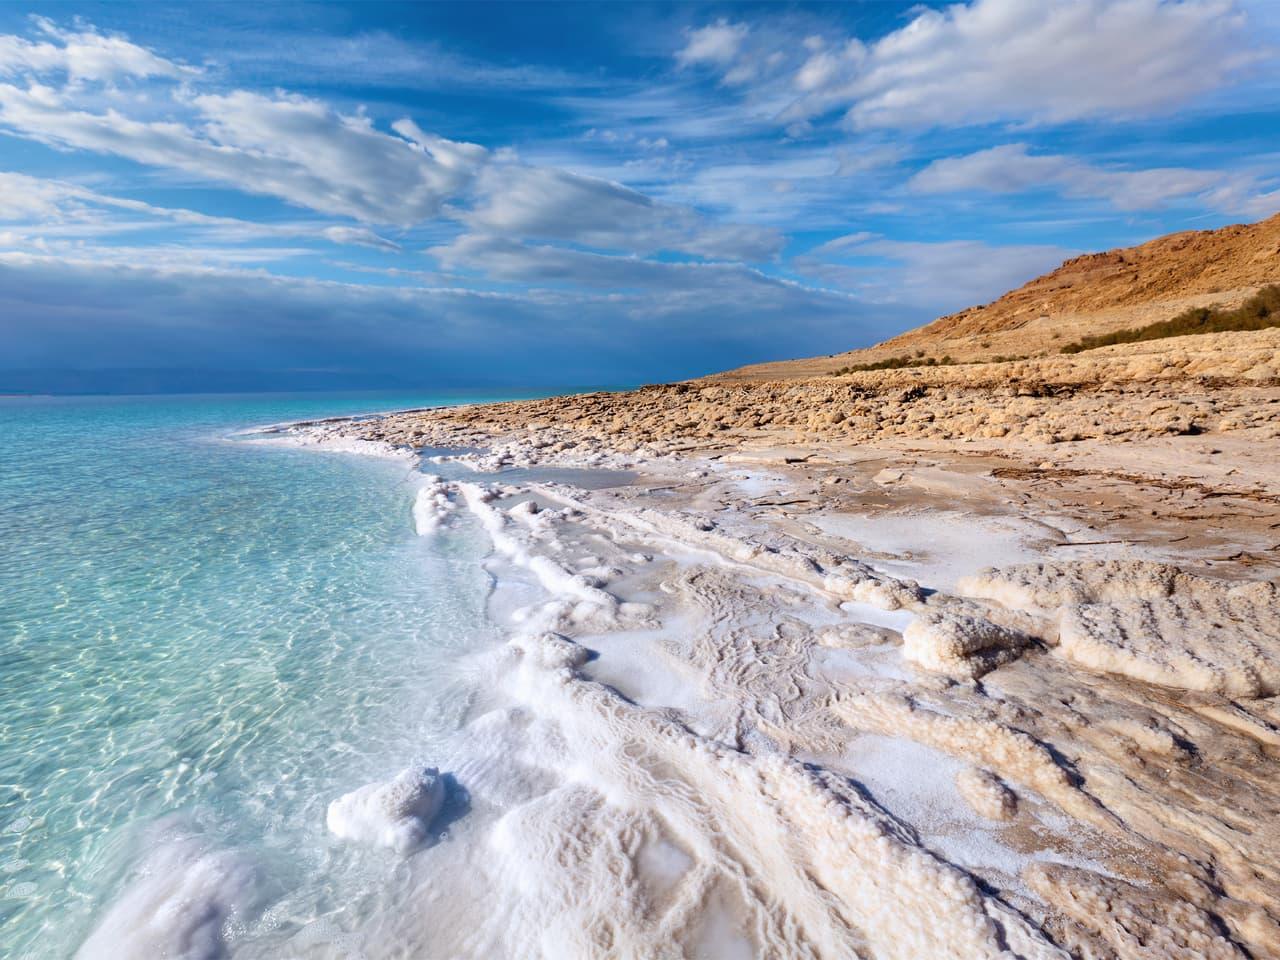 Популярные пляжи Мертвого моря